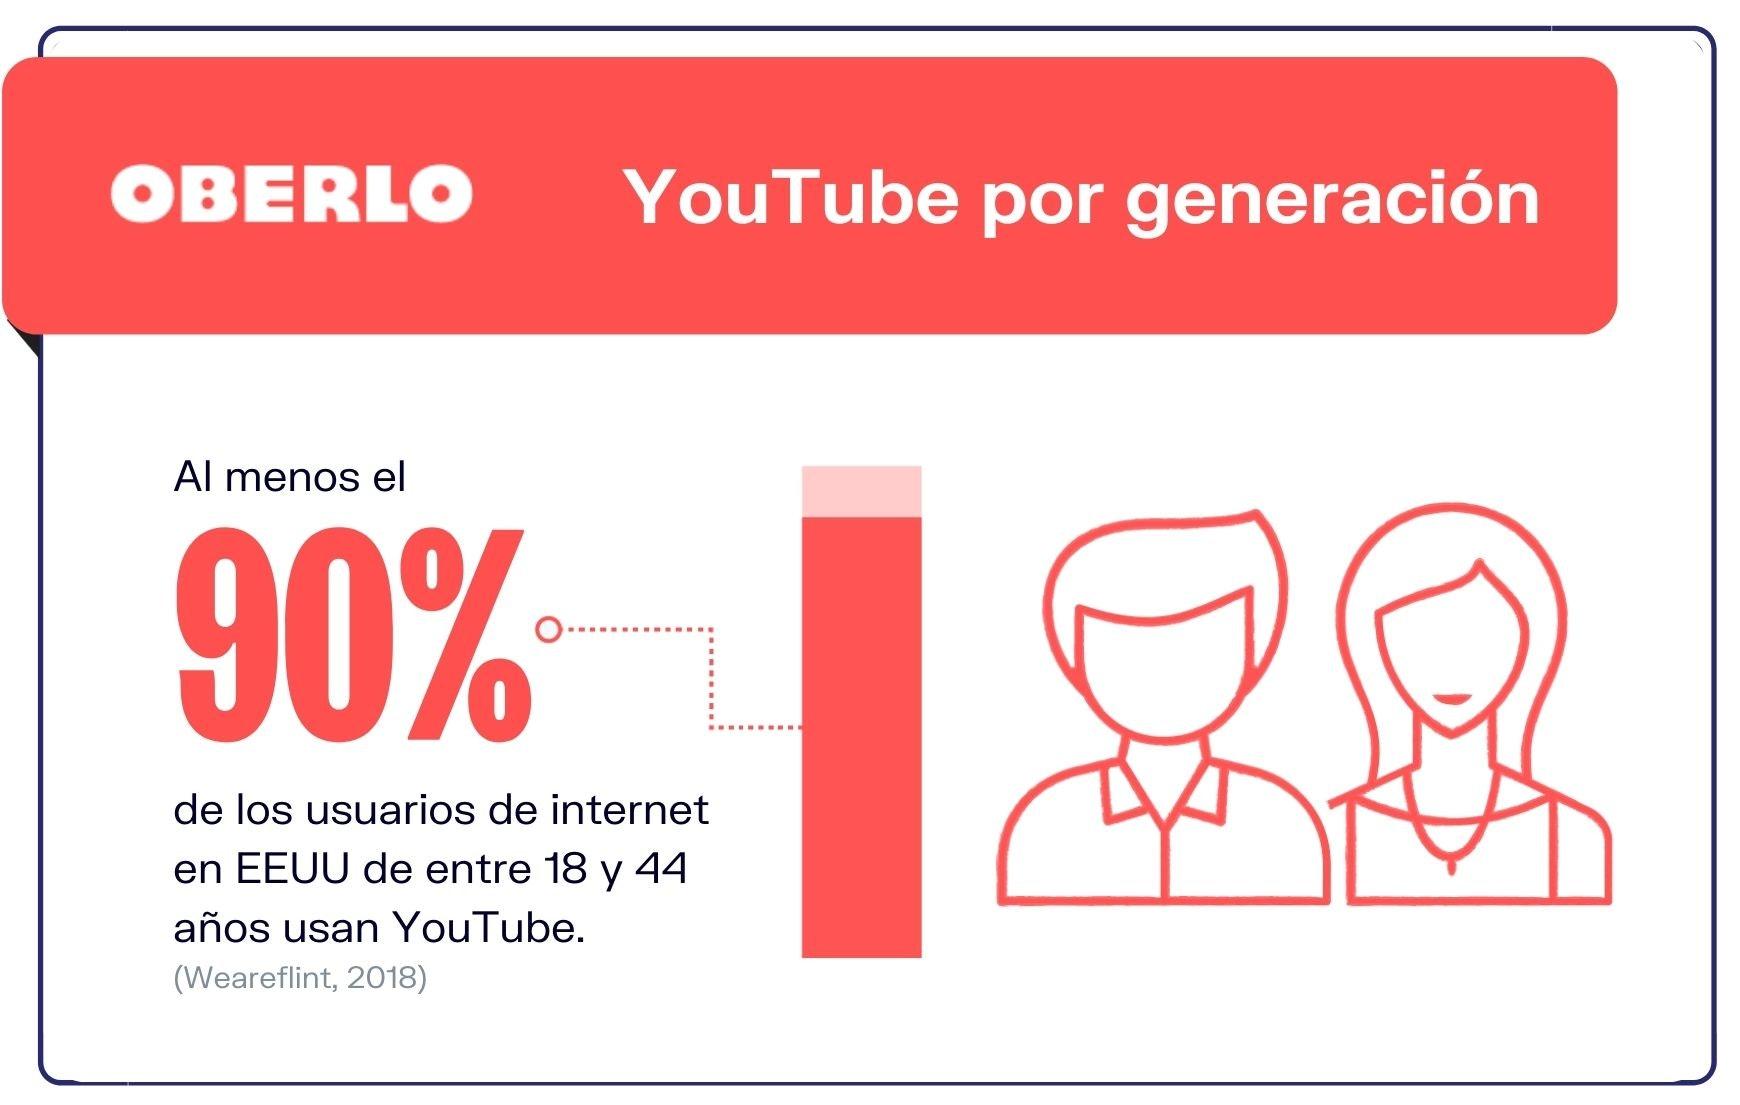 Marketing-en-YouTube-Uso-de-YouTube-por-generacion